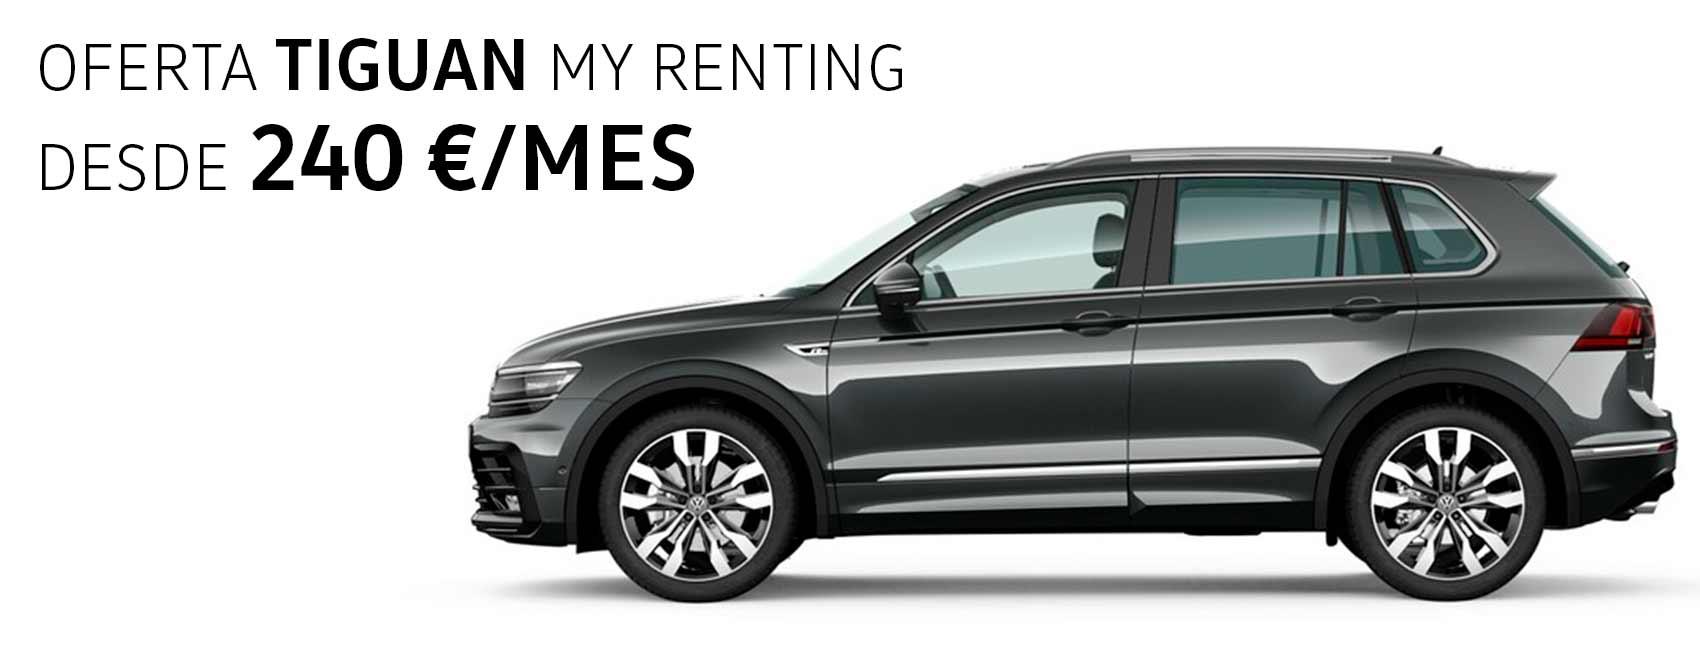 Volkswagen renting zaragoza